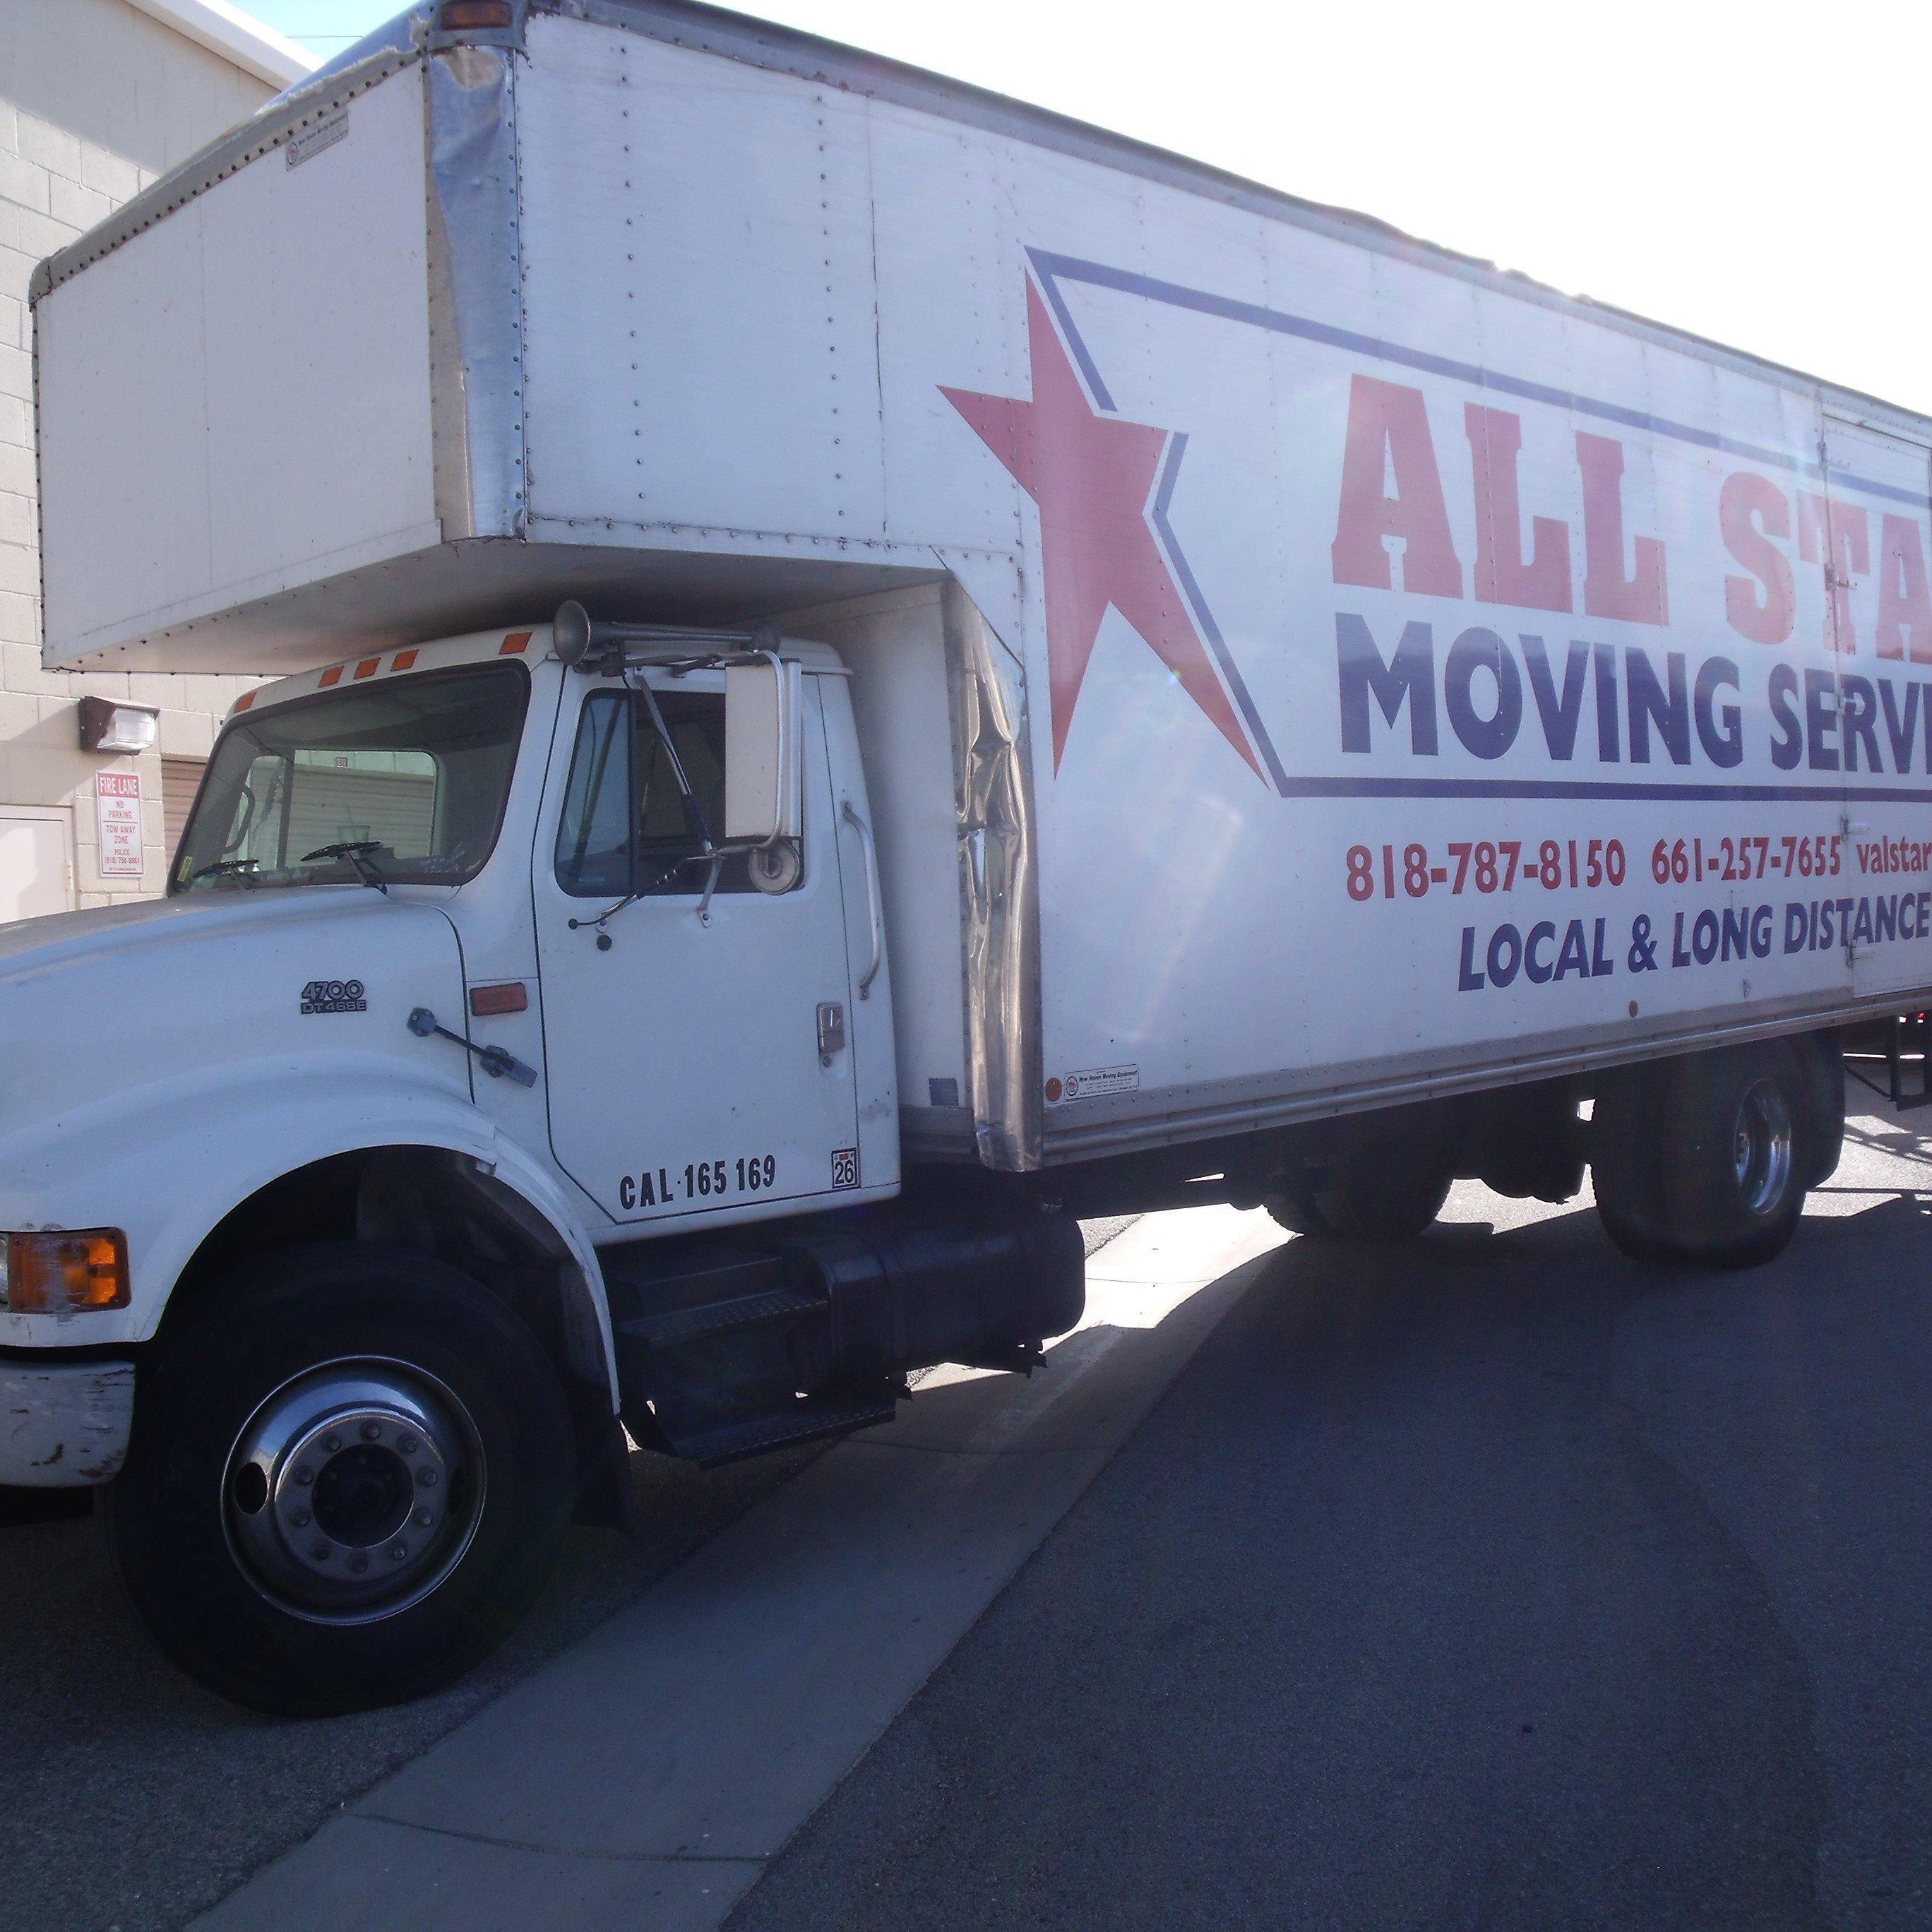 Valley/Allstar Moving Service